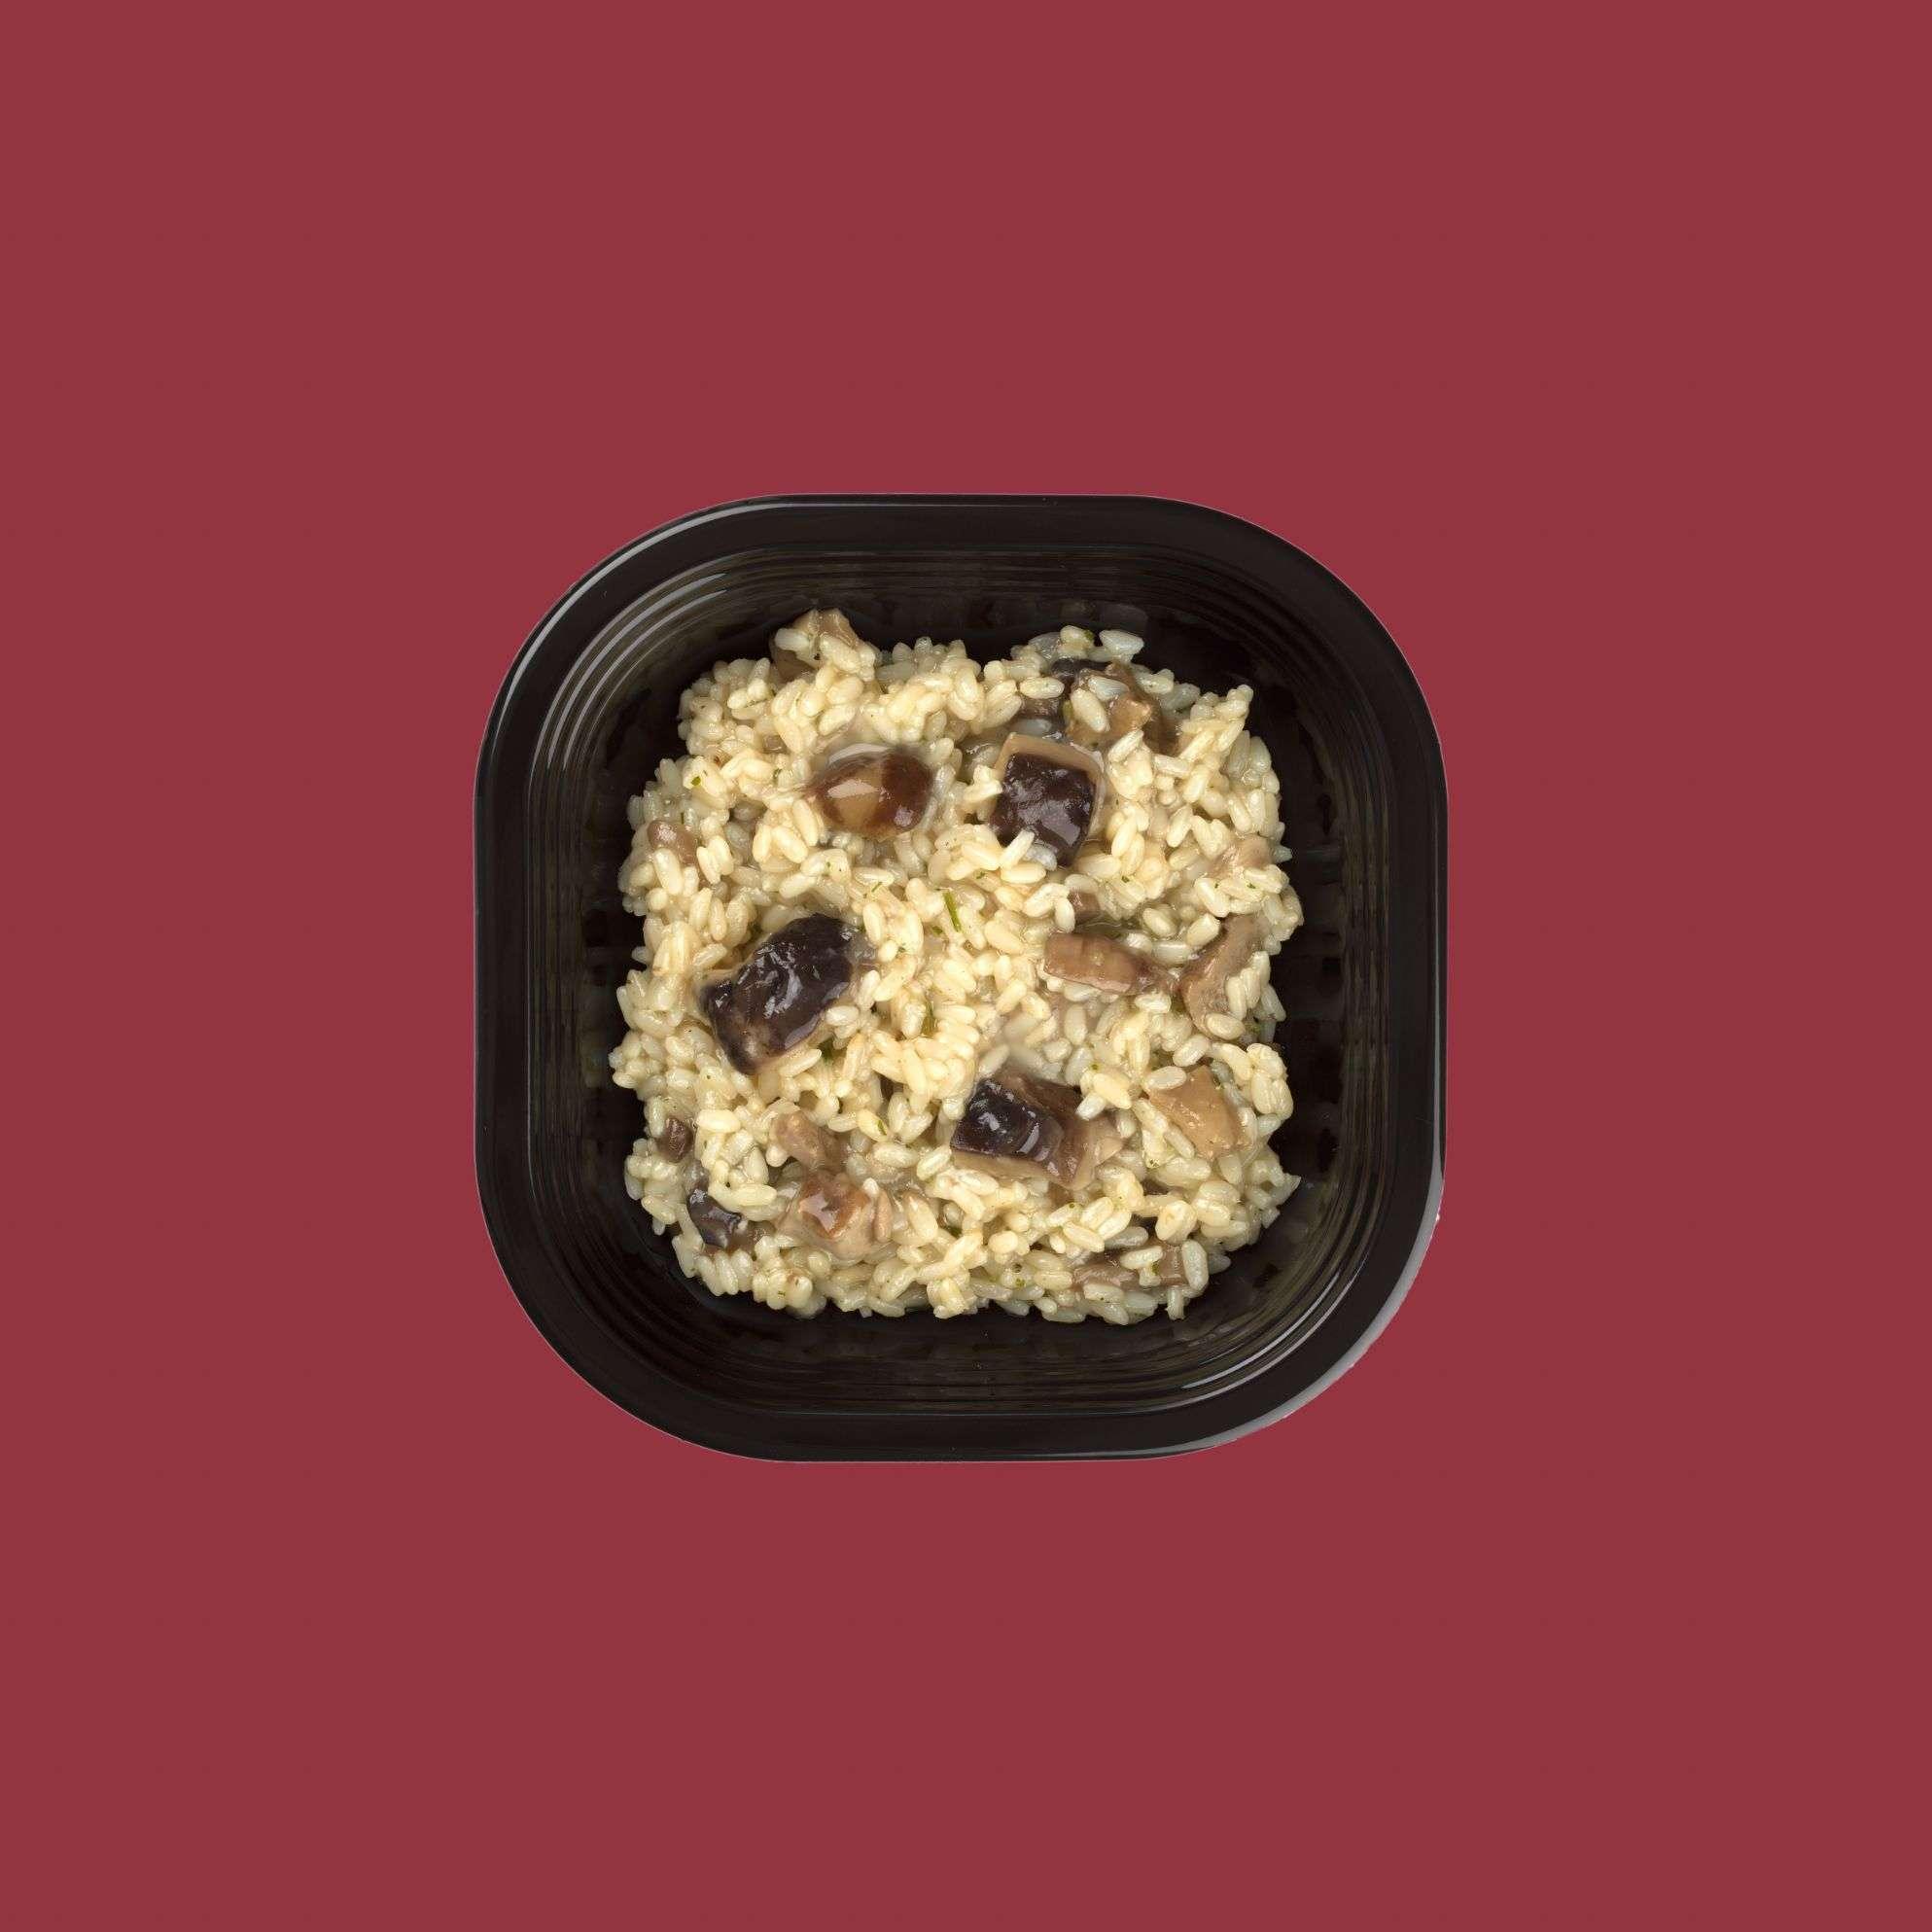 Burgher di lenticchie alla paprika_8241 copy senza glutine piatti pronti a domicilio